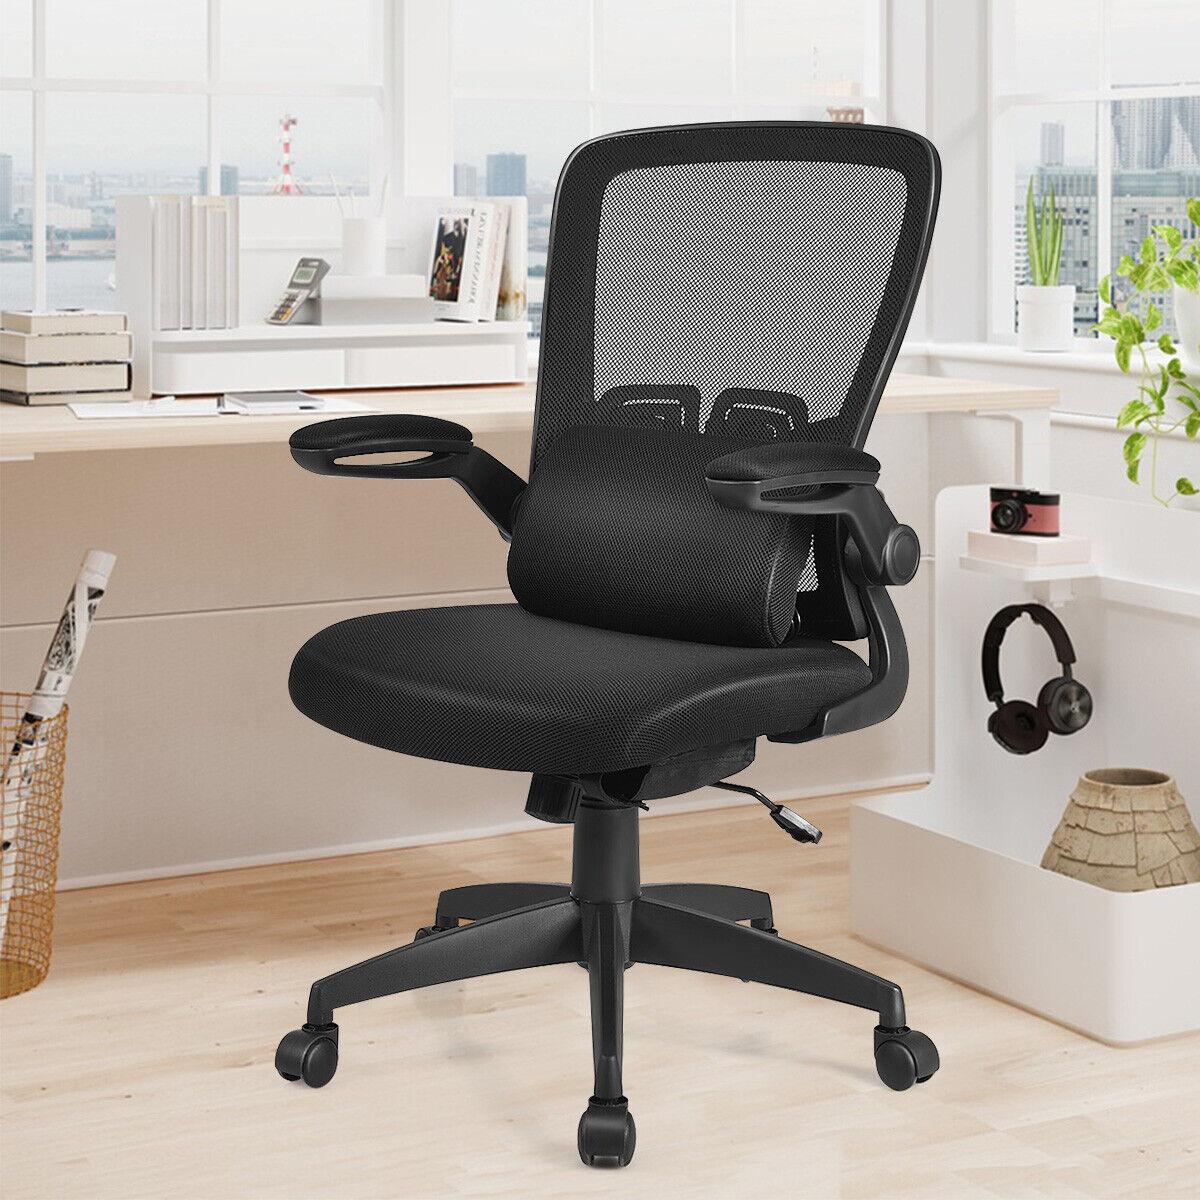 Bürostuhl Pacific Stoff mit Fußablage Schreibtischstuhl Drehstuhl Chefsessel